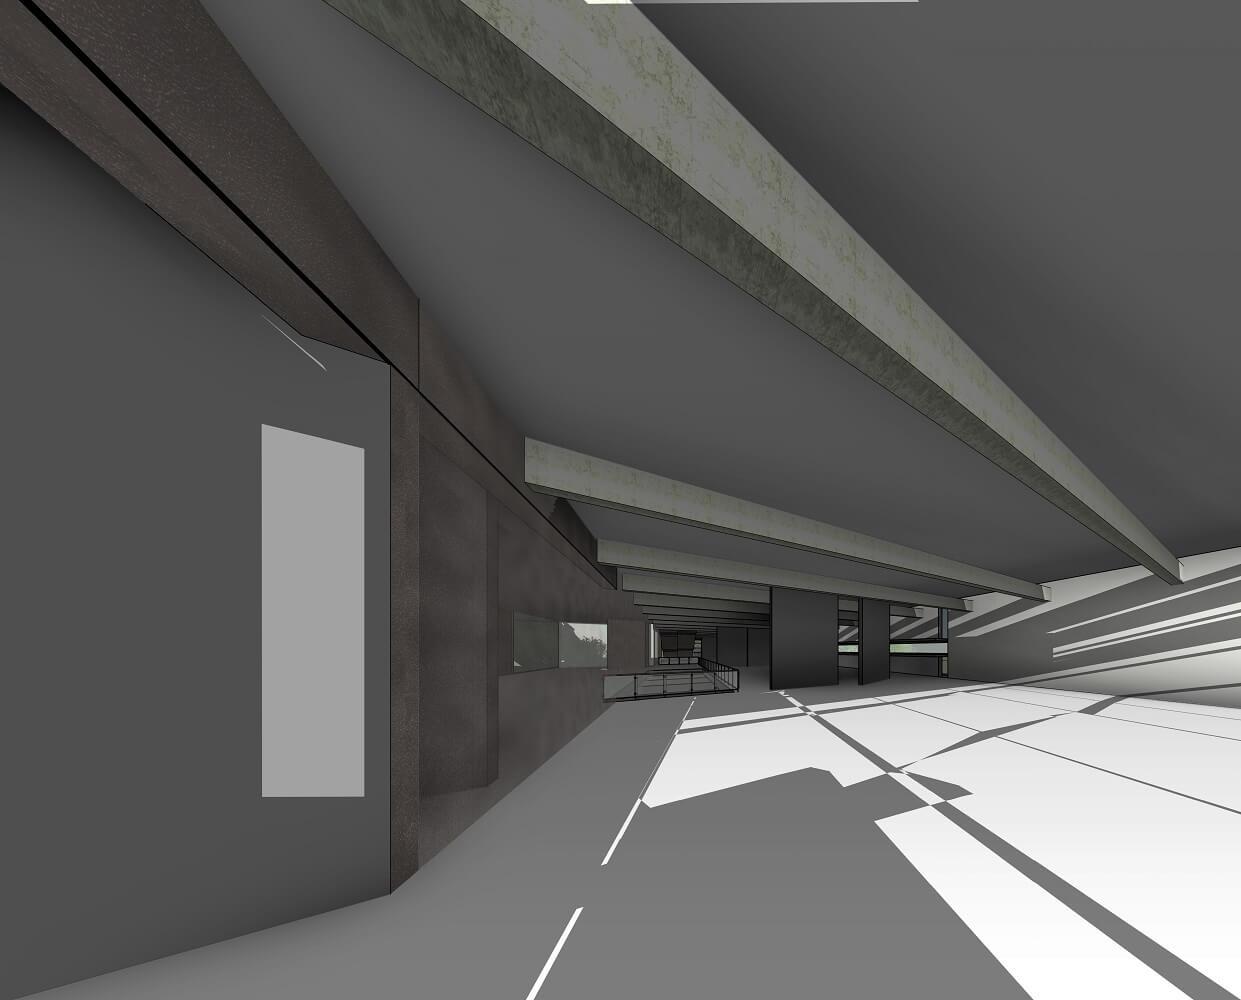 RZ-3D-new-3D-View-מבט-פנים-קומת-גלריות